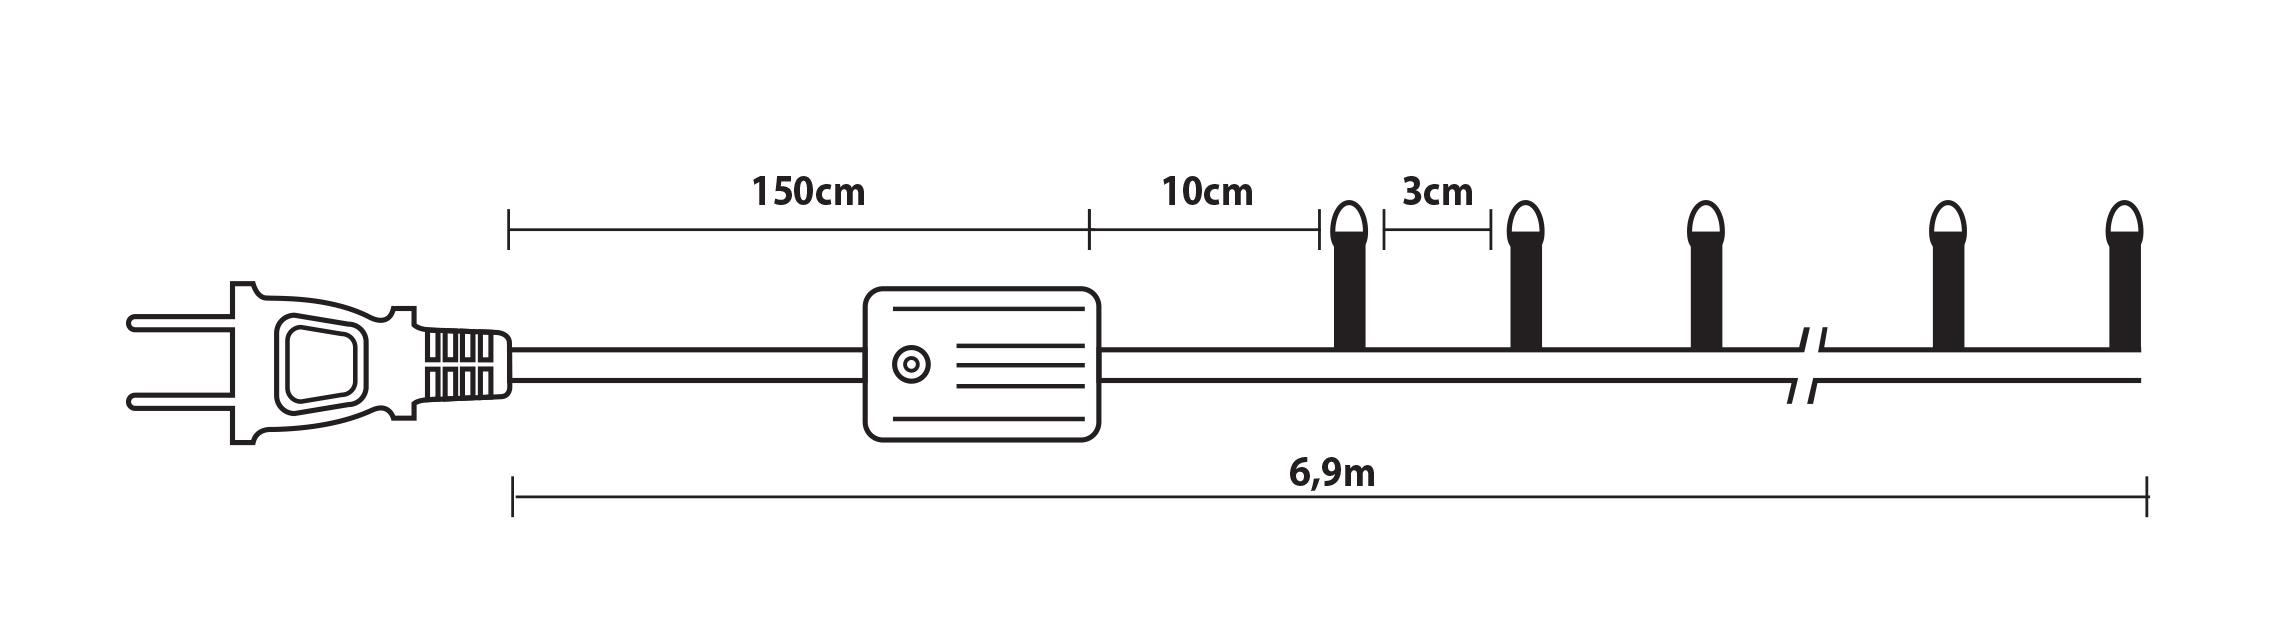 180 Λαμπάκια Με Πρόγραμμα, Πράσινο Καλώδιο/ Πολύχρωμο Λαμπάκι, Απόστασης 6,9 Μέτρων